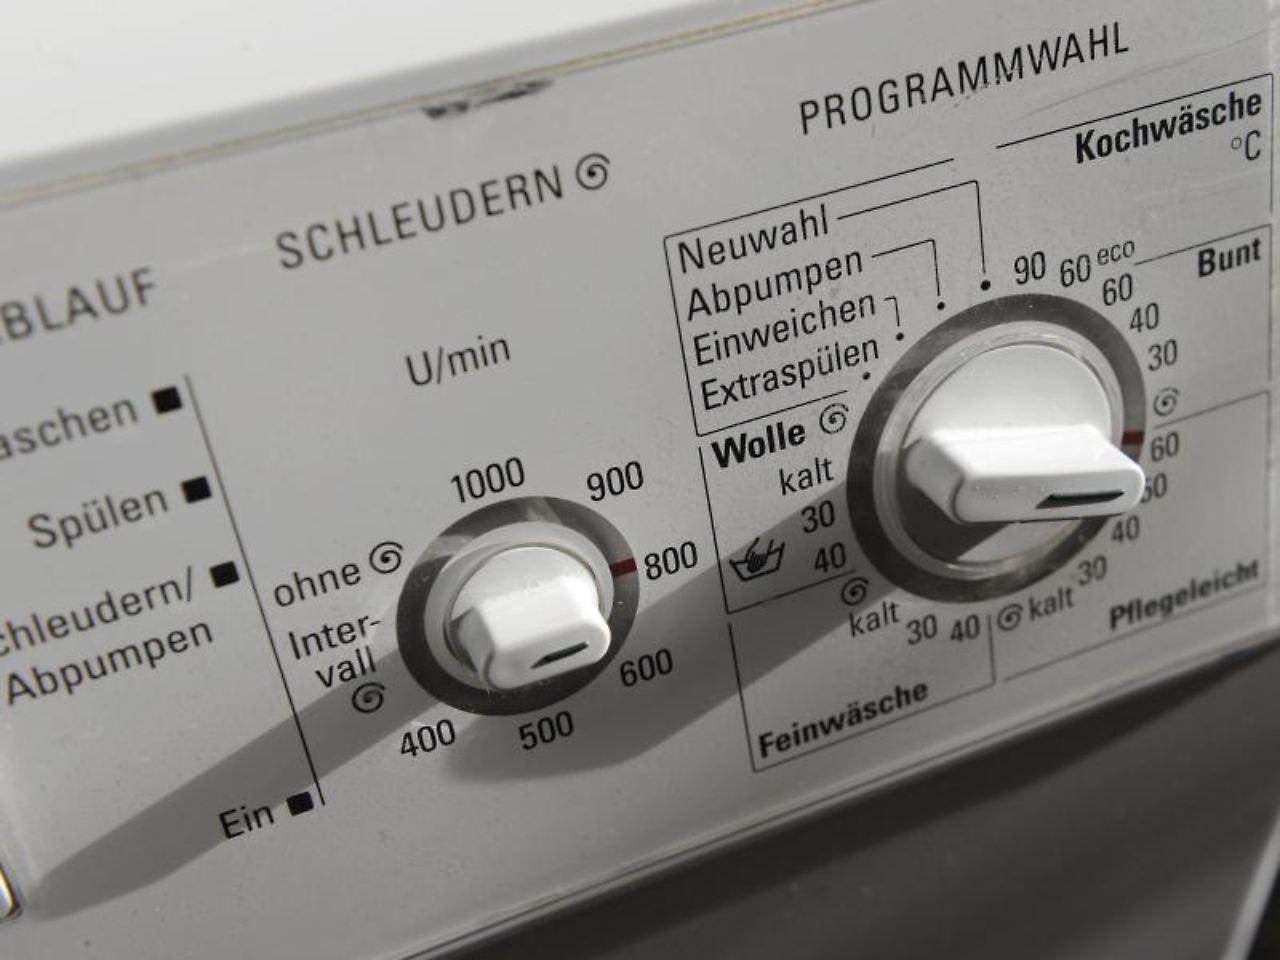 Defekte elektrogeräte: das umfasst die gewährleistung n tv.de